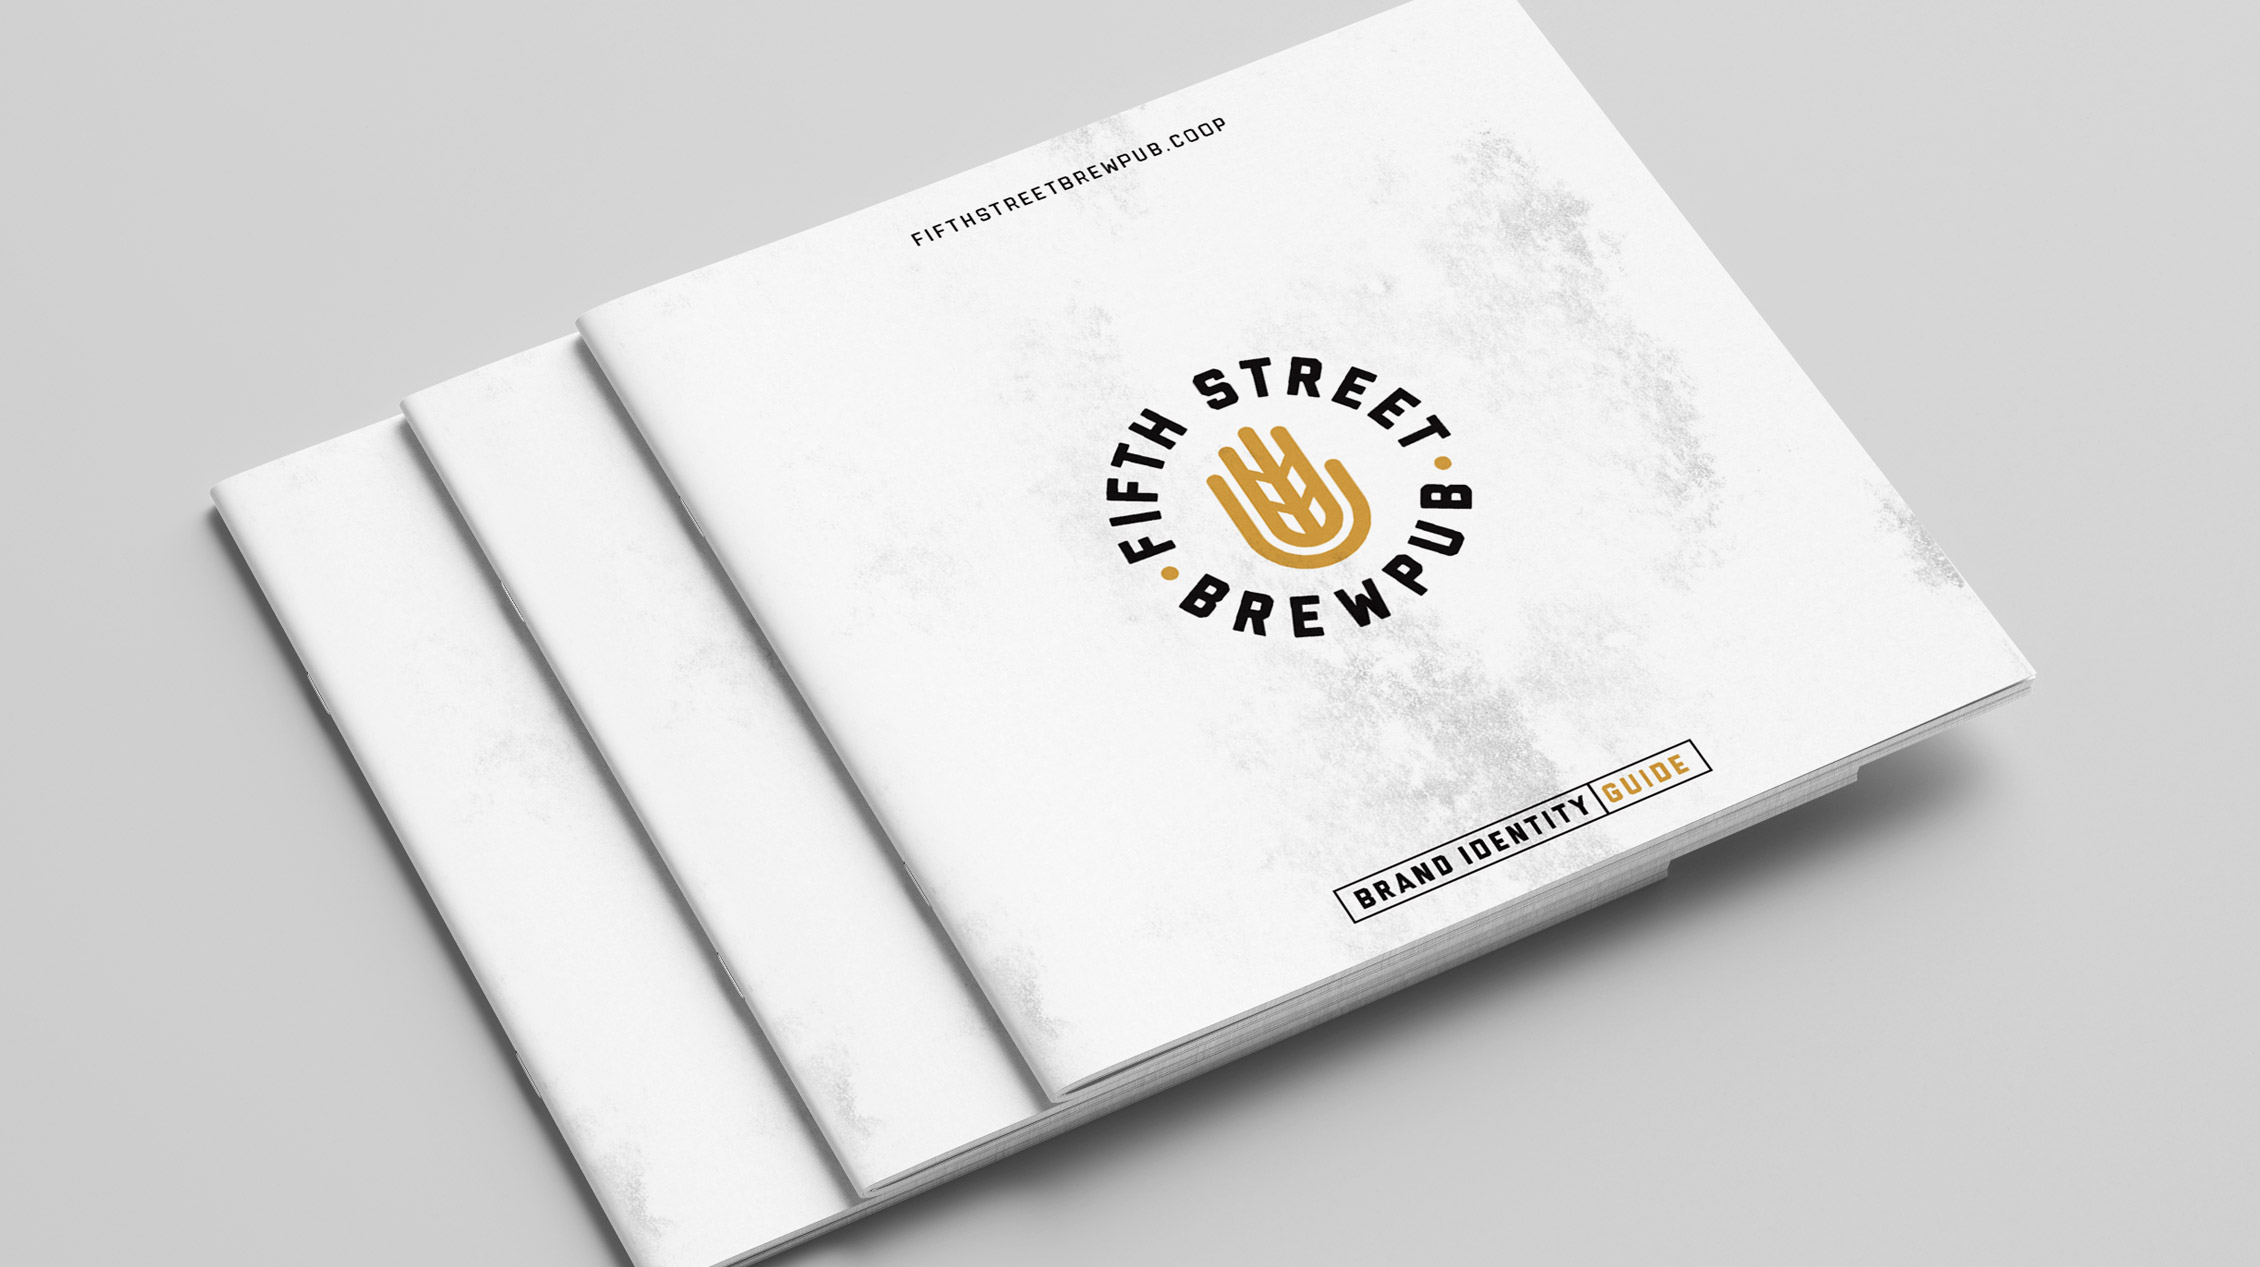 FSB-Brand-Guide-Cover-wide